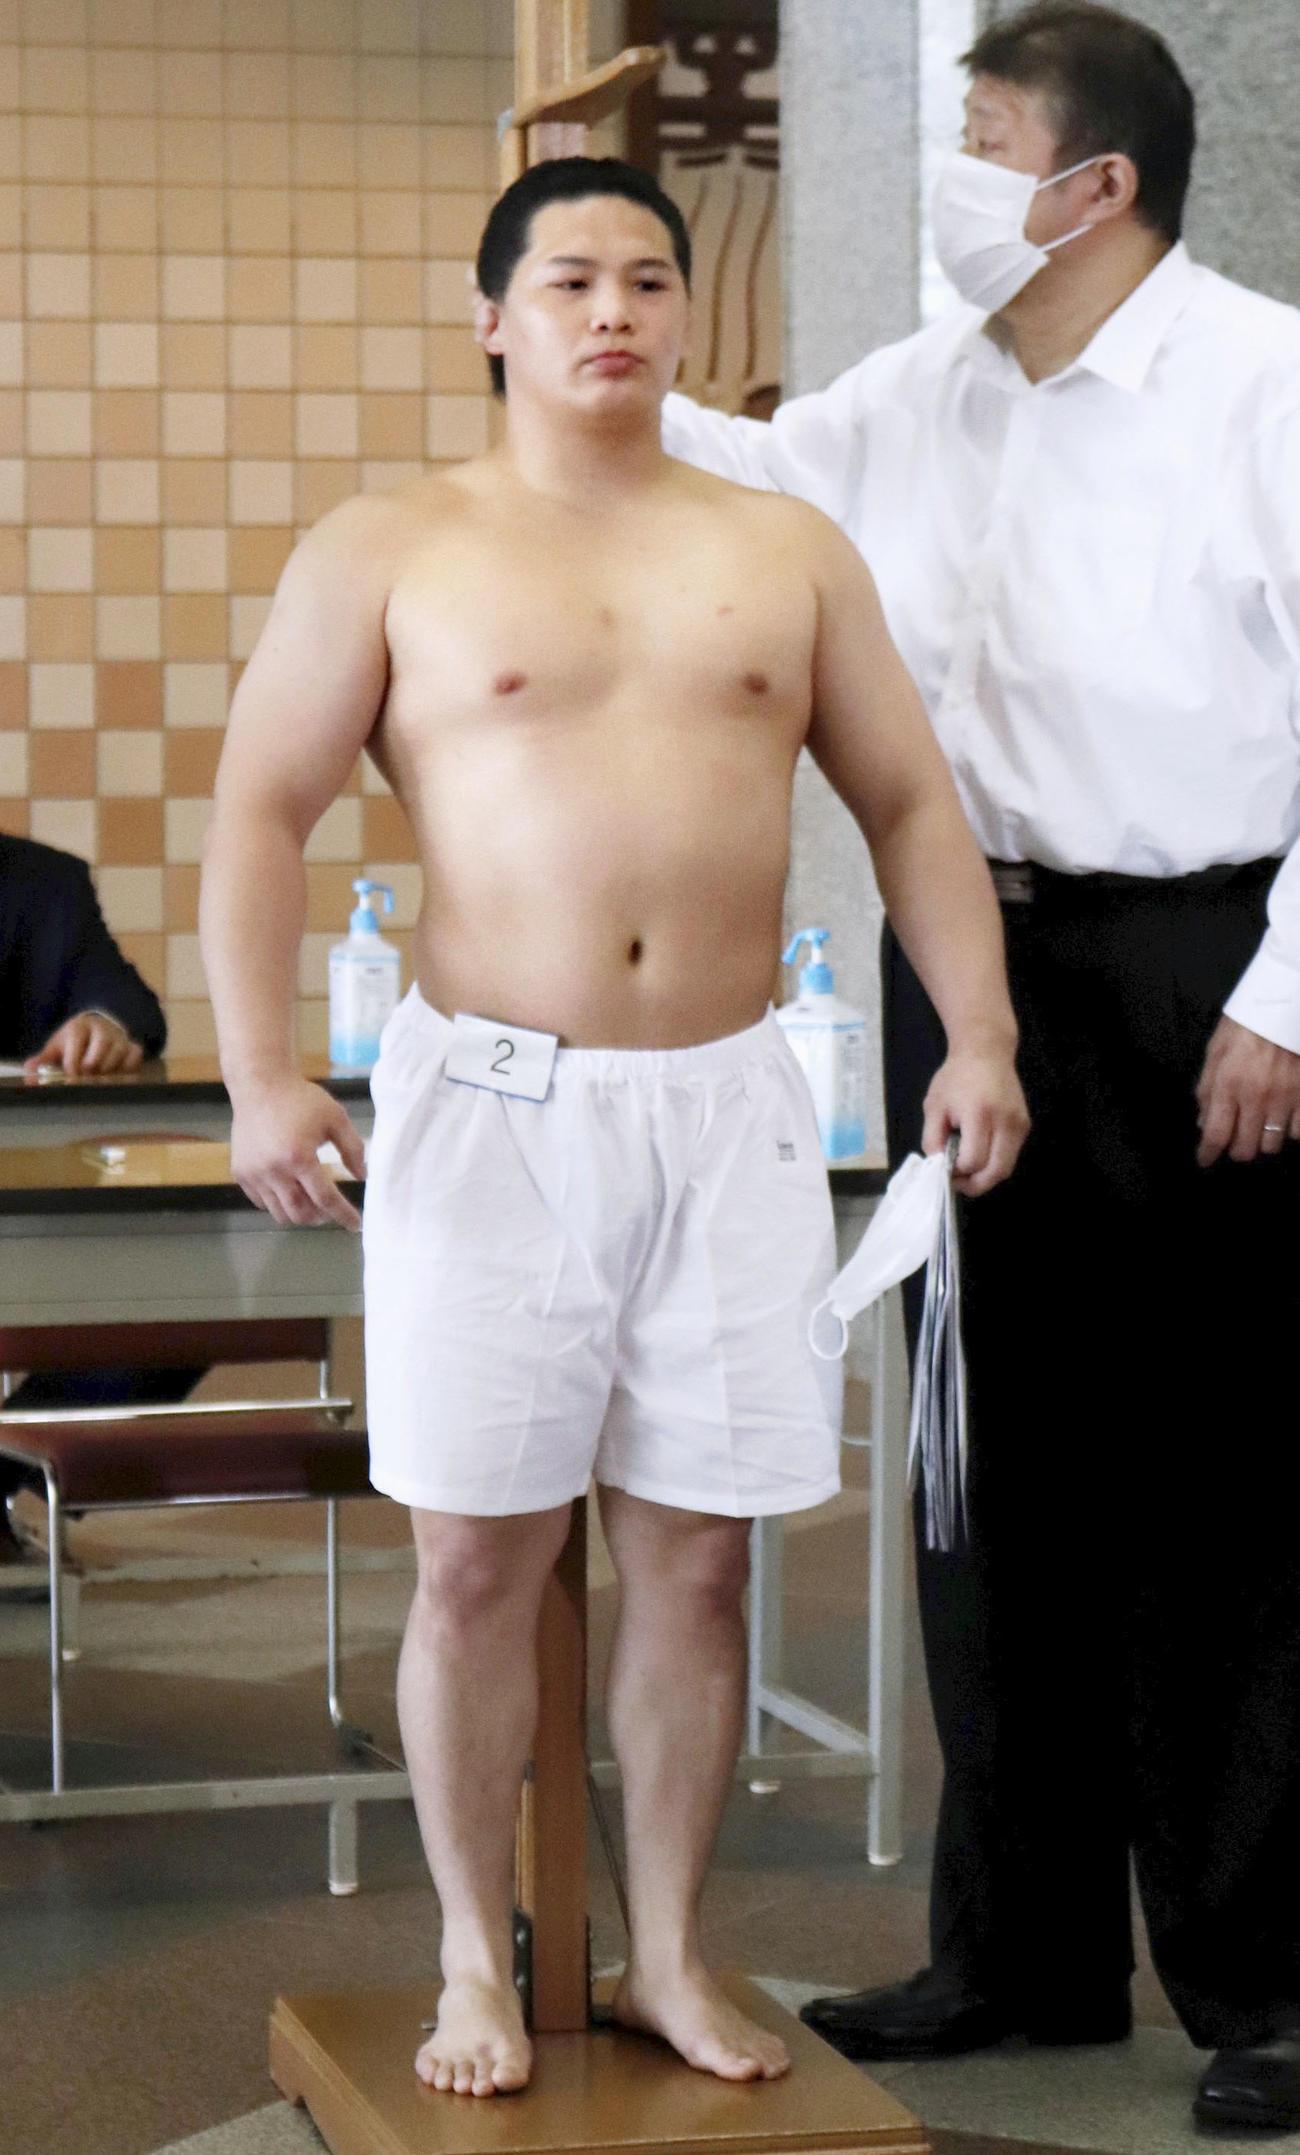 新弟子検査で身長を測る渡辺晋太郎(日本相撲協会提供・共同)